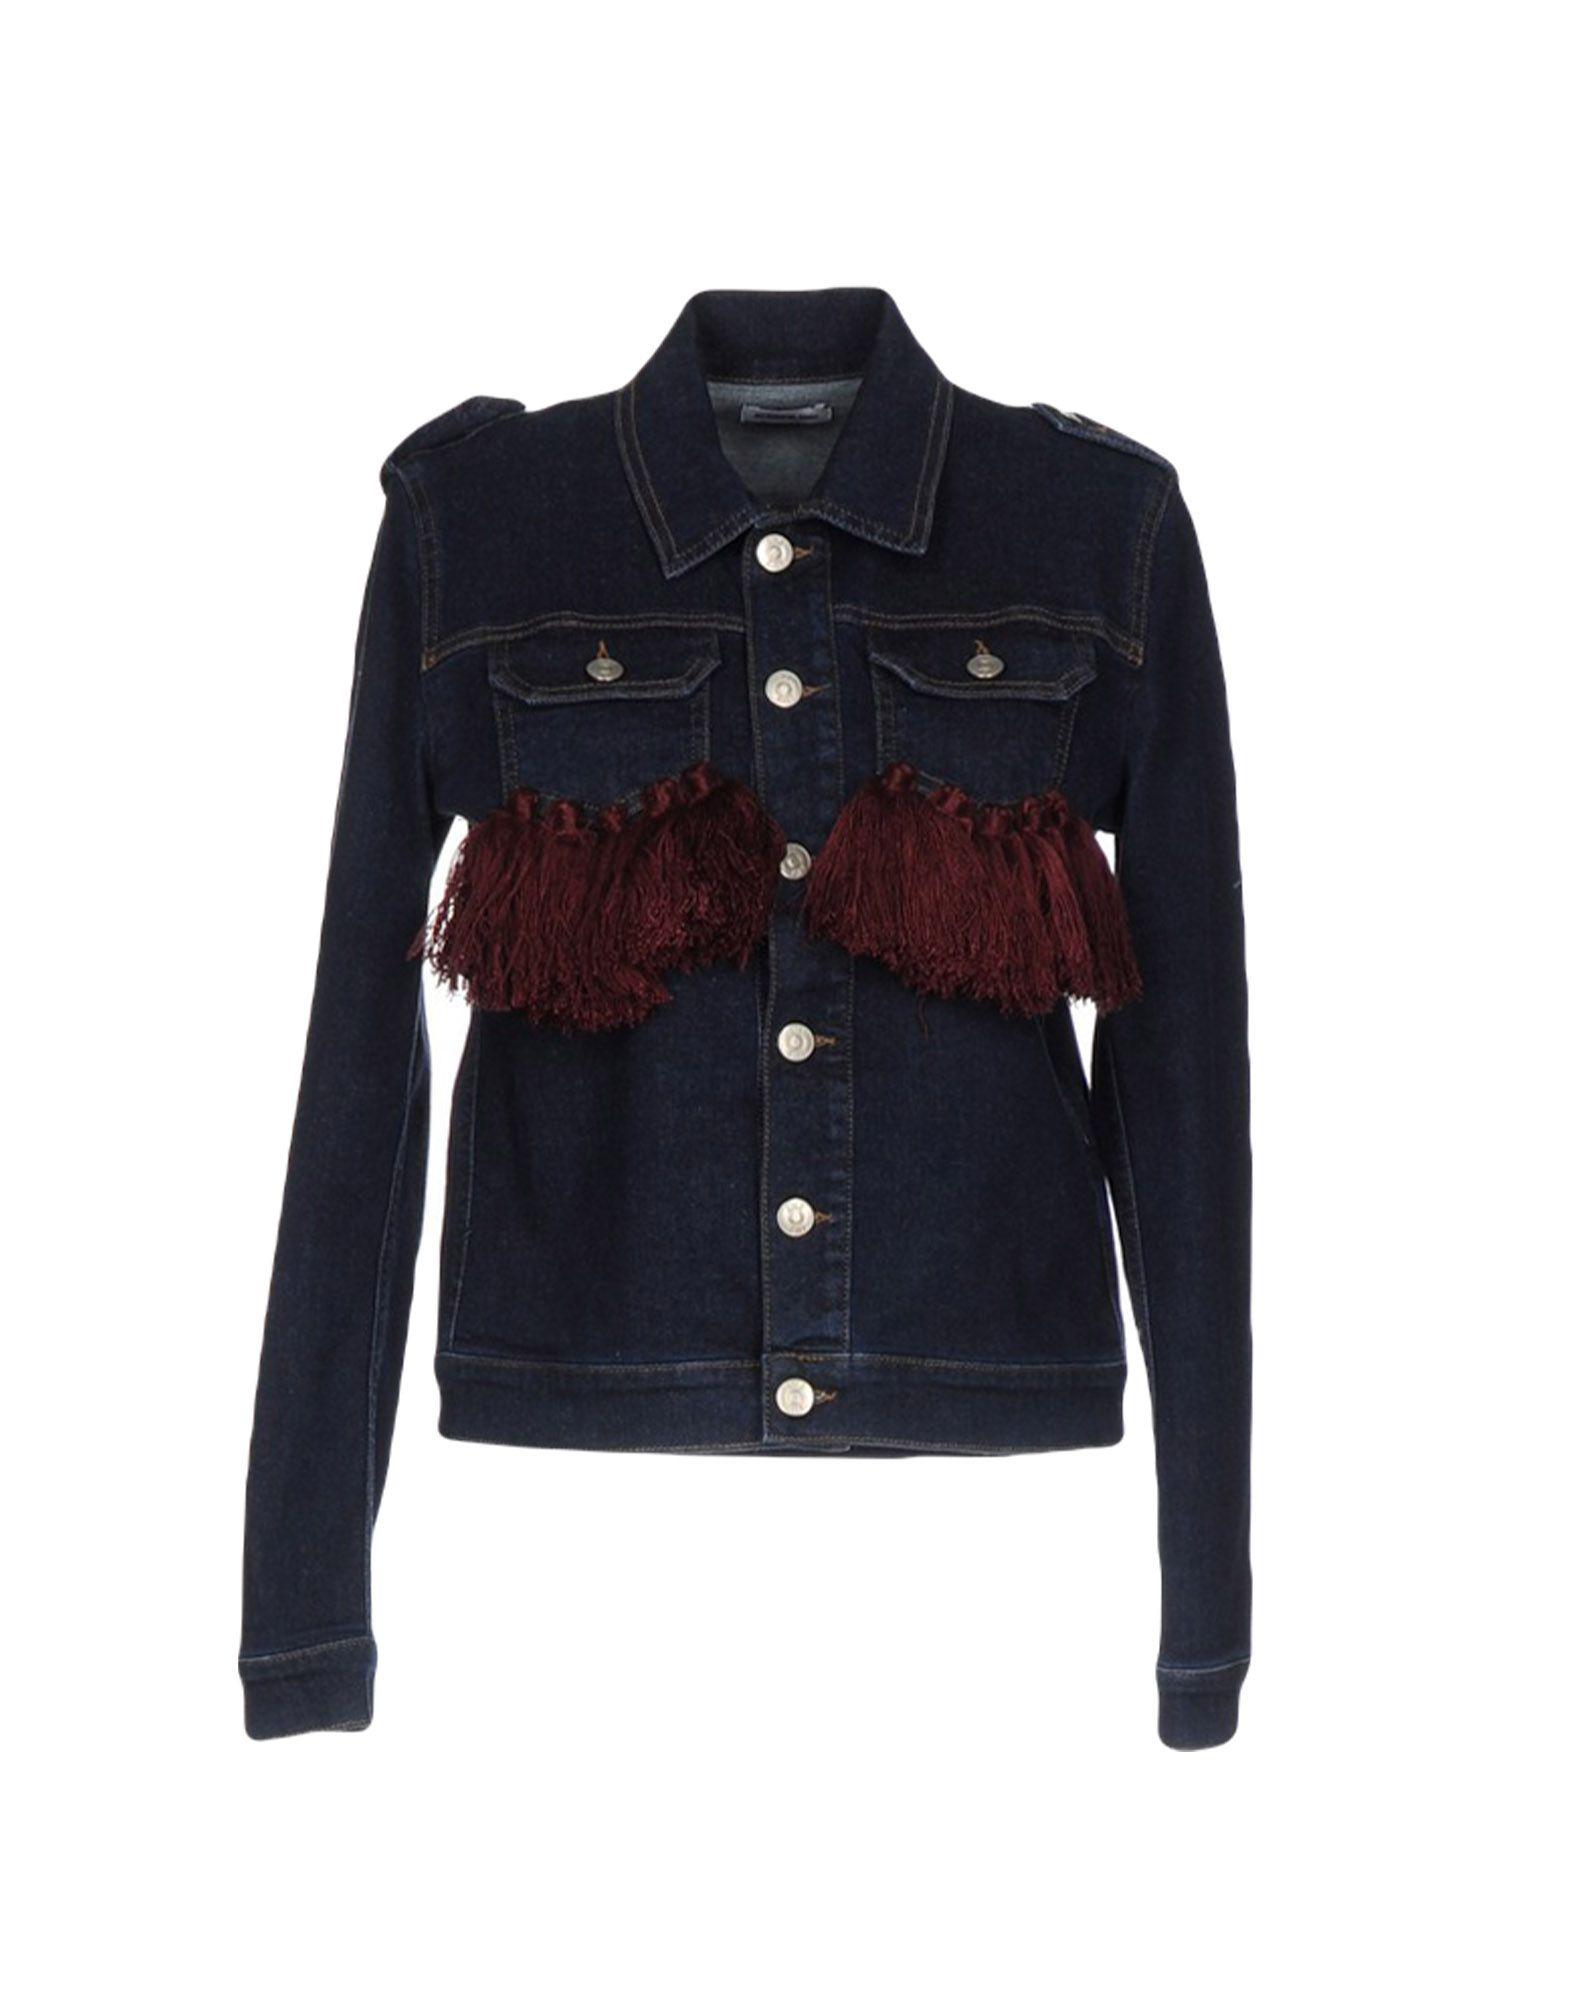 le volière джинсовая верхняя одежда AU JOUR LE JOUR Джинсовая верхняя одежда